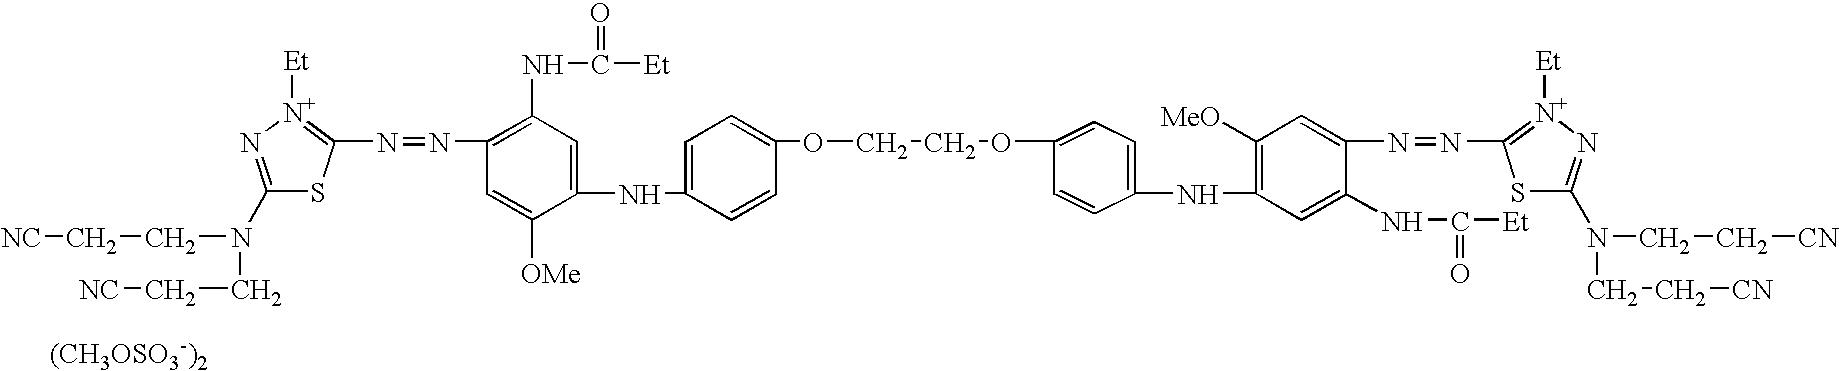 Figure US07497878-20090303-C00024